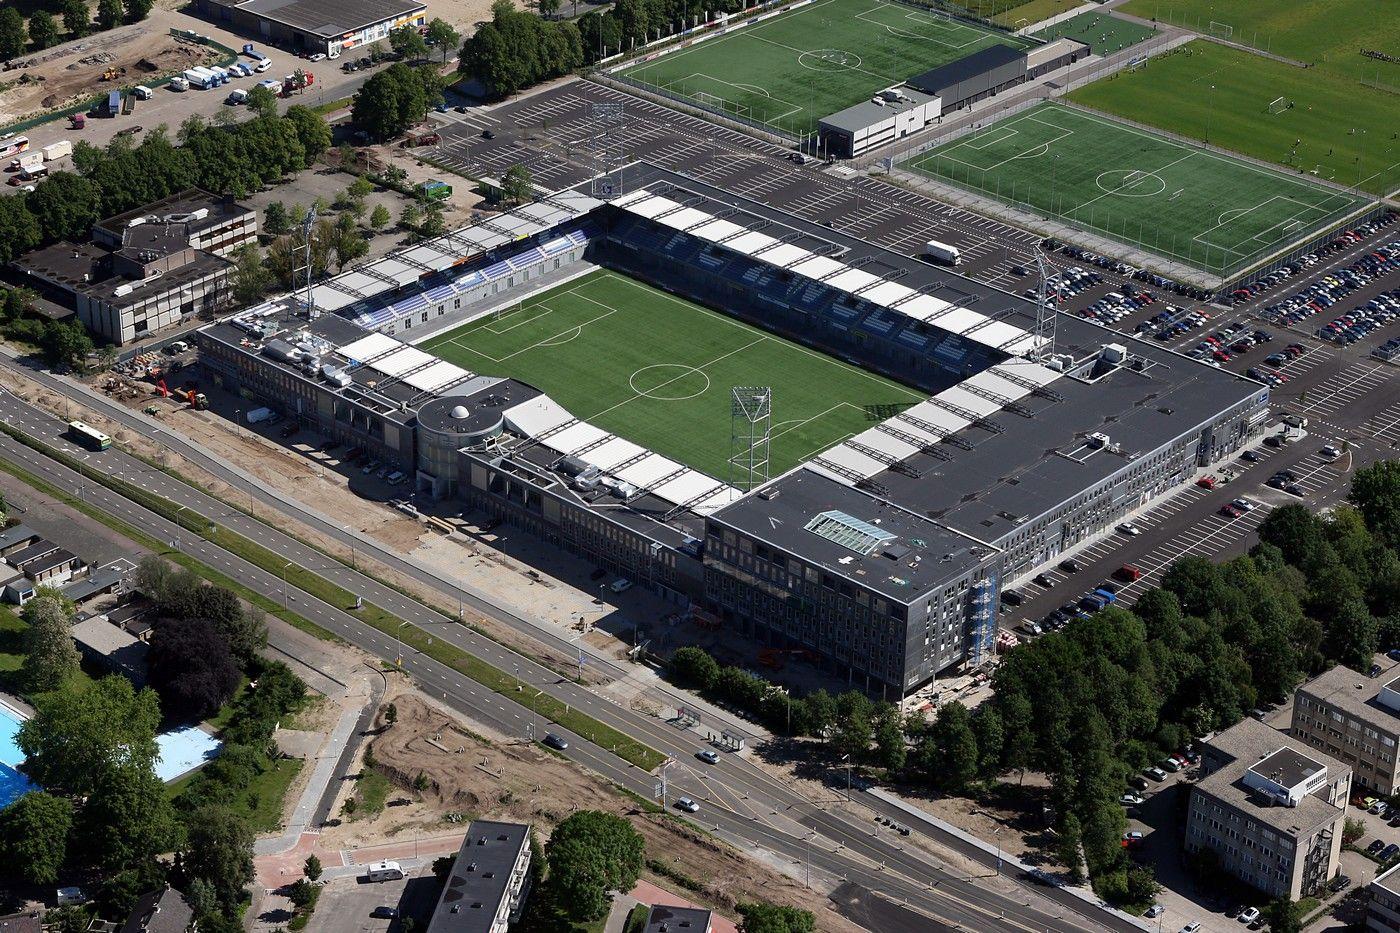 Ijsseldelta Es Un Estadio De Uso Multiple Ubicado En La Localidad De Zwolle En Los Paises Bajos Es Utilizado De Local Zwolle Football Stadiums Sports Stadium